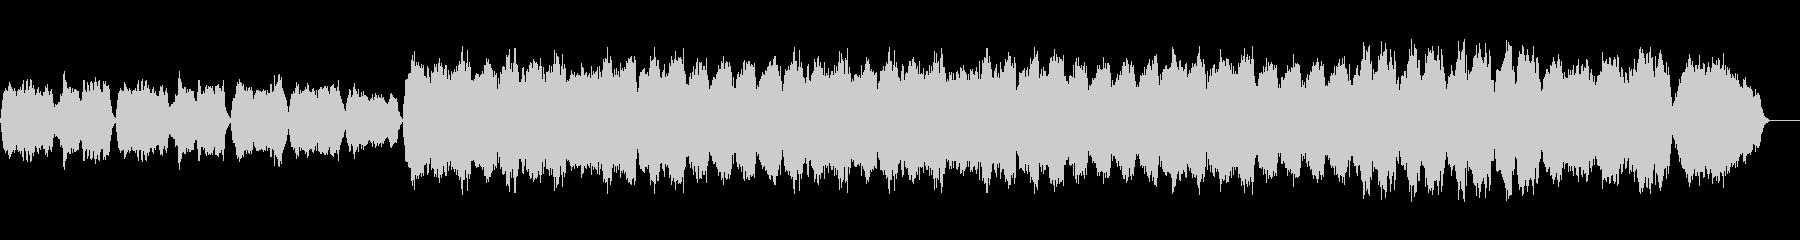 バグパイプのしっとりした楽曲の未再生の波形